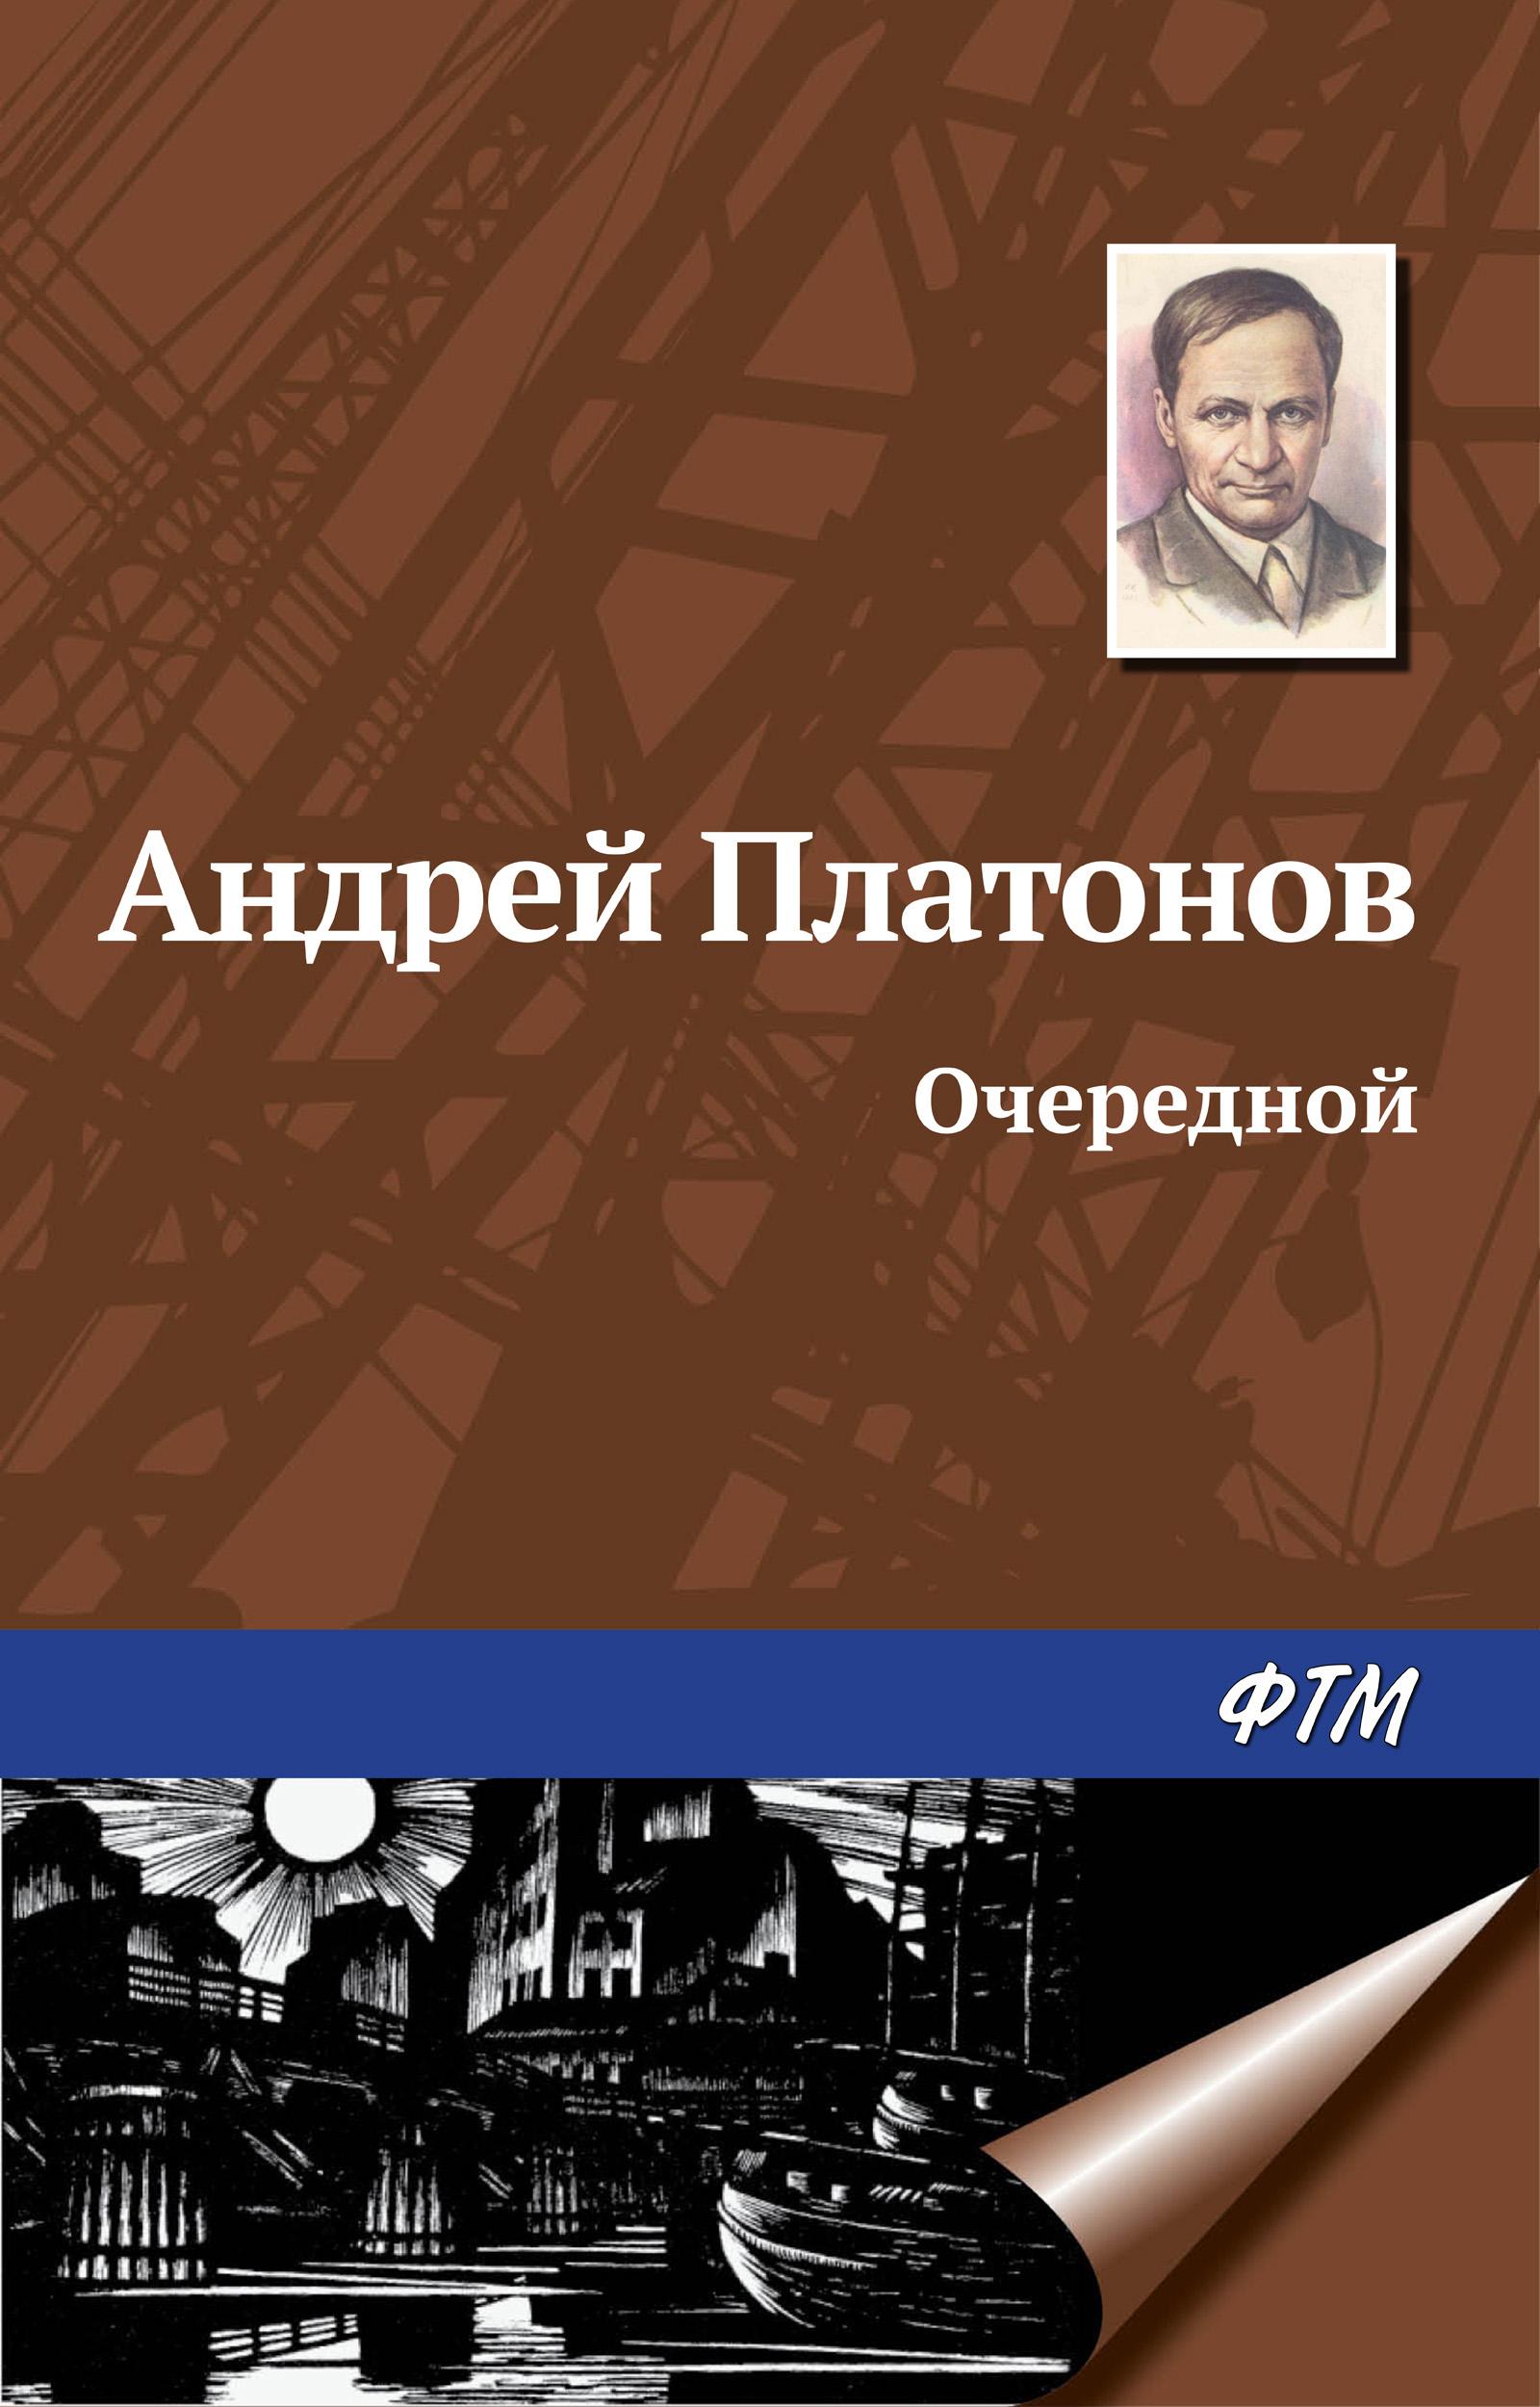 Андрей Платонов Очередной